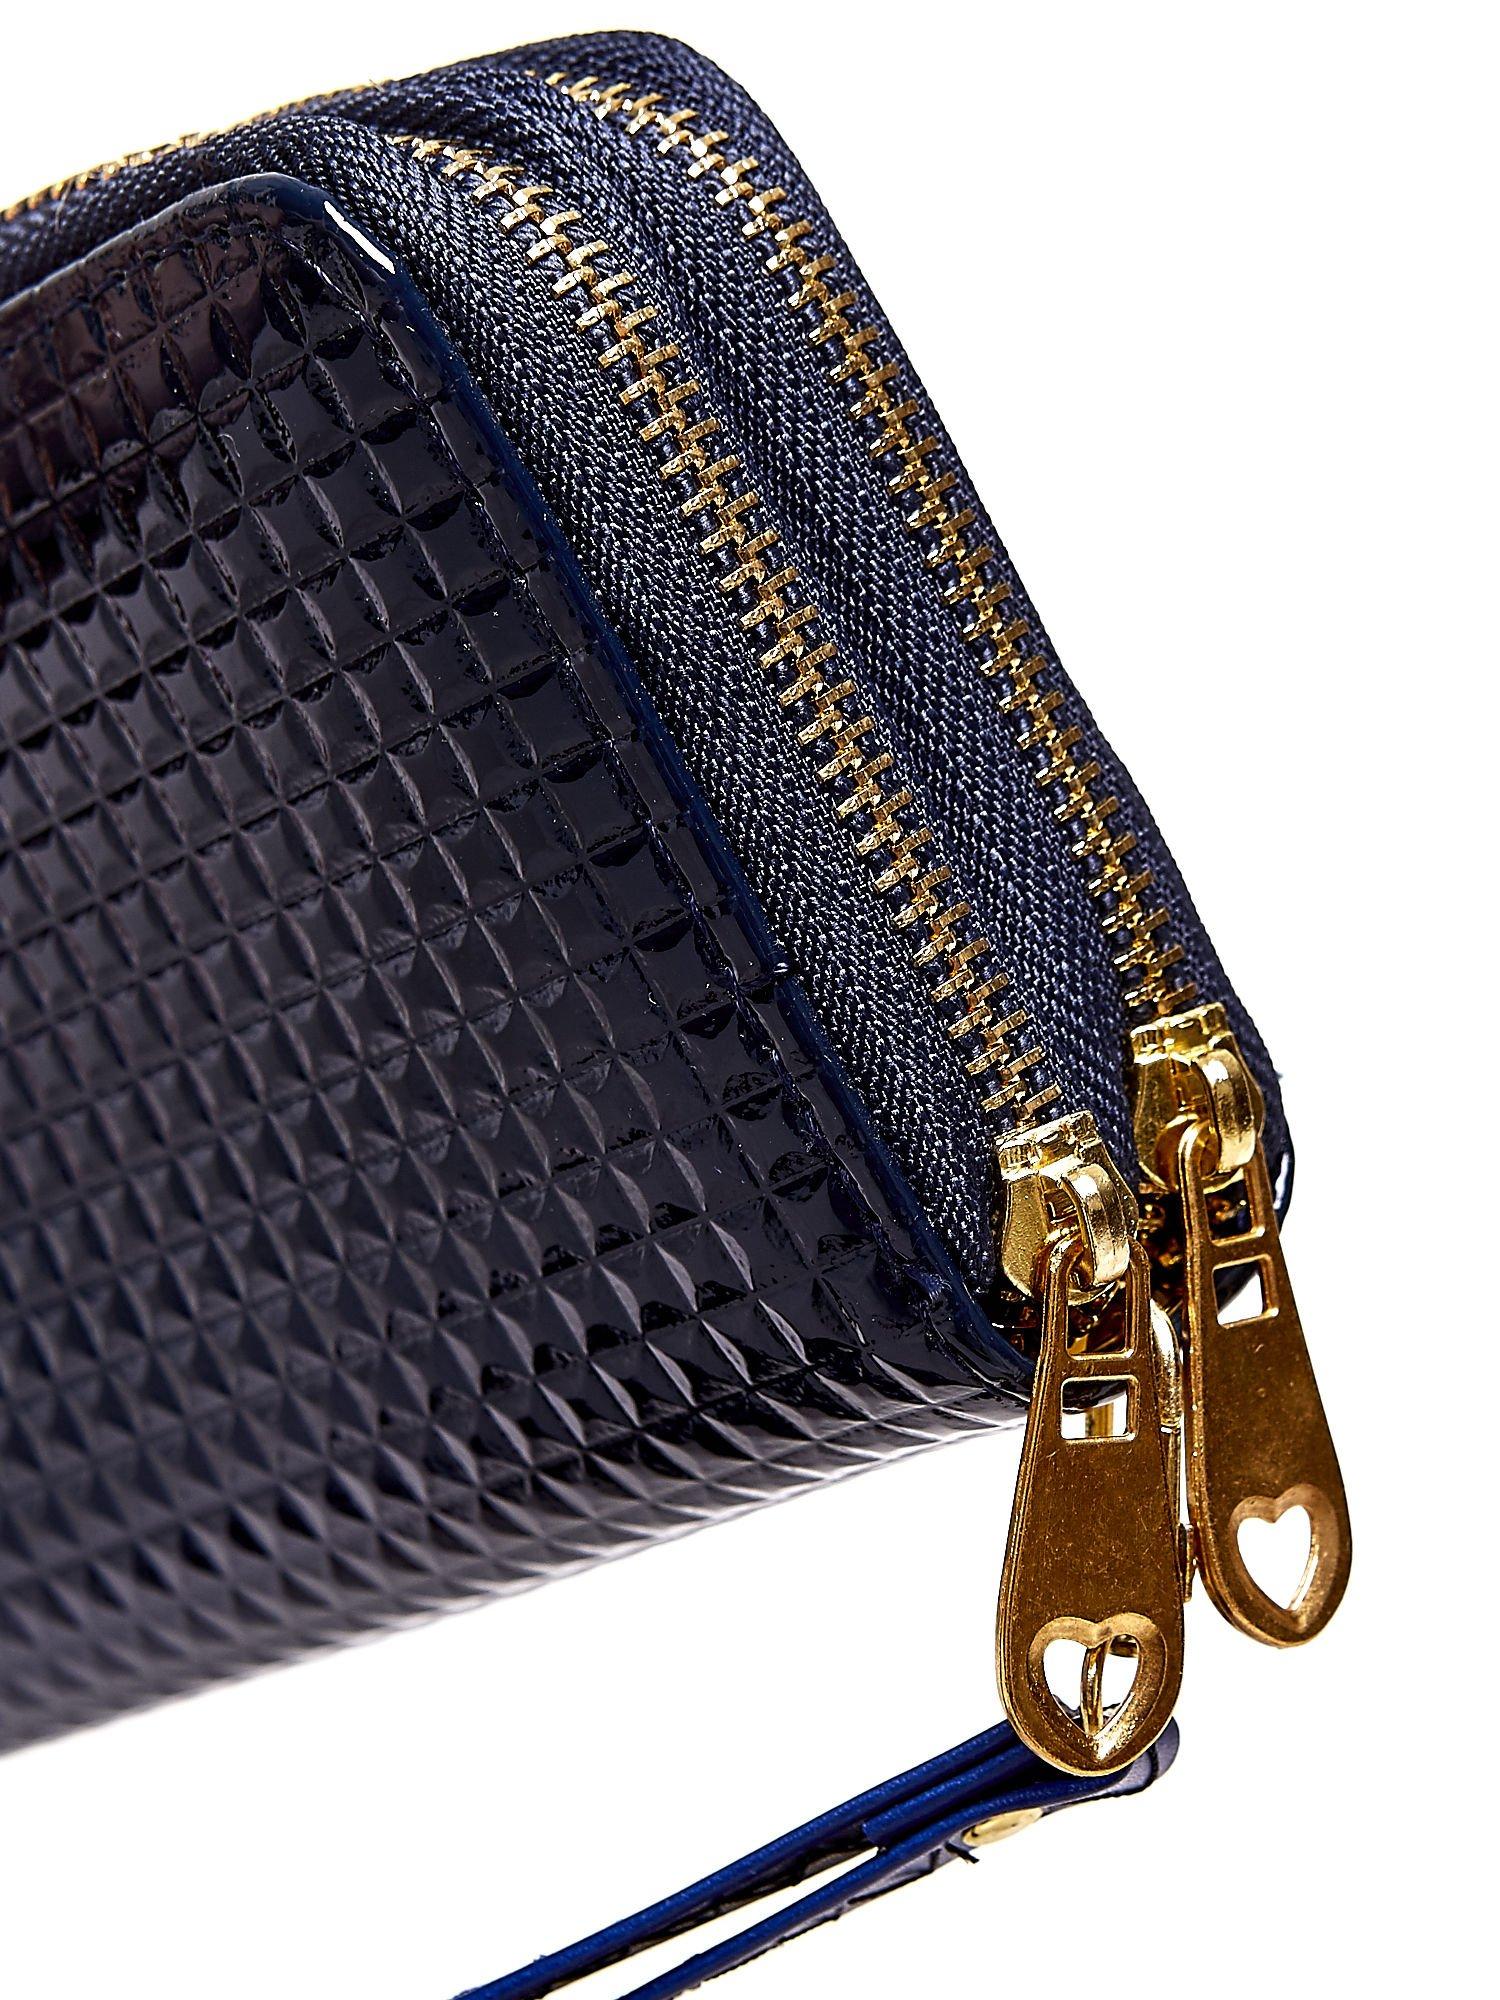 Granatowy pikowany portfel z uchwytem na rękę                                  zdj.                                  5